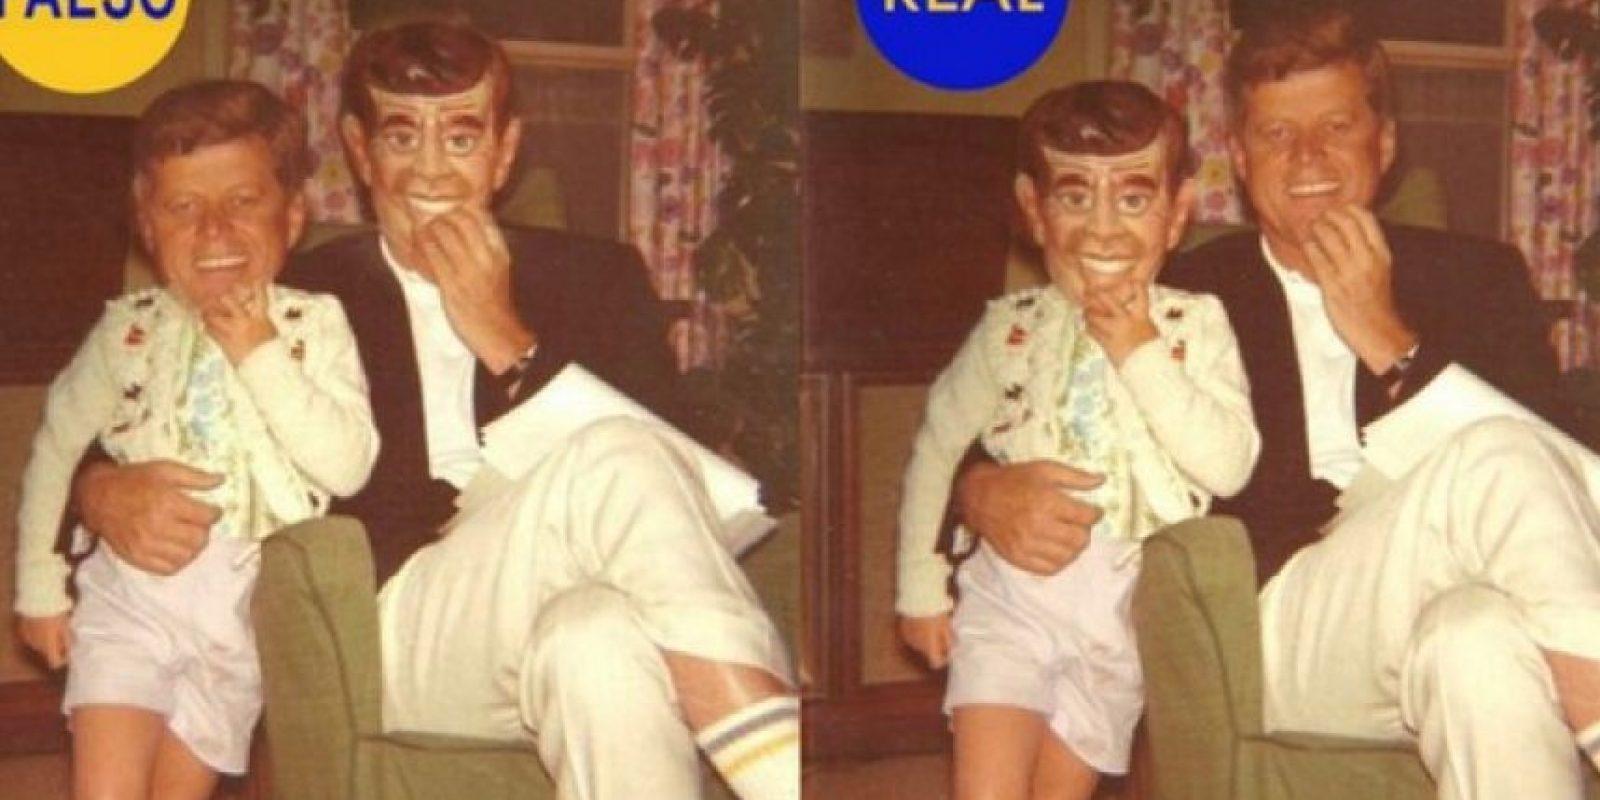 JKF y su hija llevando una máscara suya: Esta foto es muy popular en Twitter. Se supone que es John Fitzgerald Kennedy y su hija, quien lleva una máscara de cartón con la cara de su propio padre. Las caras están intercambiadas. Foto:Flickr – Archivo